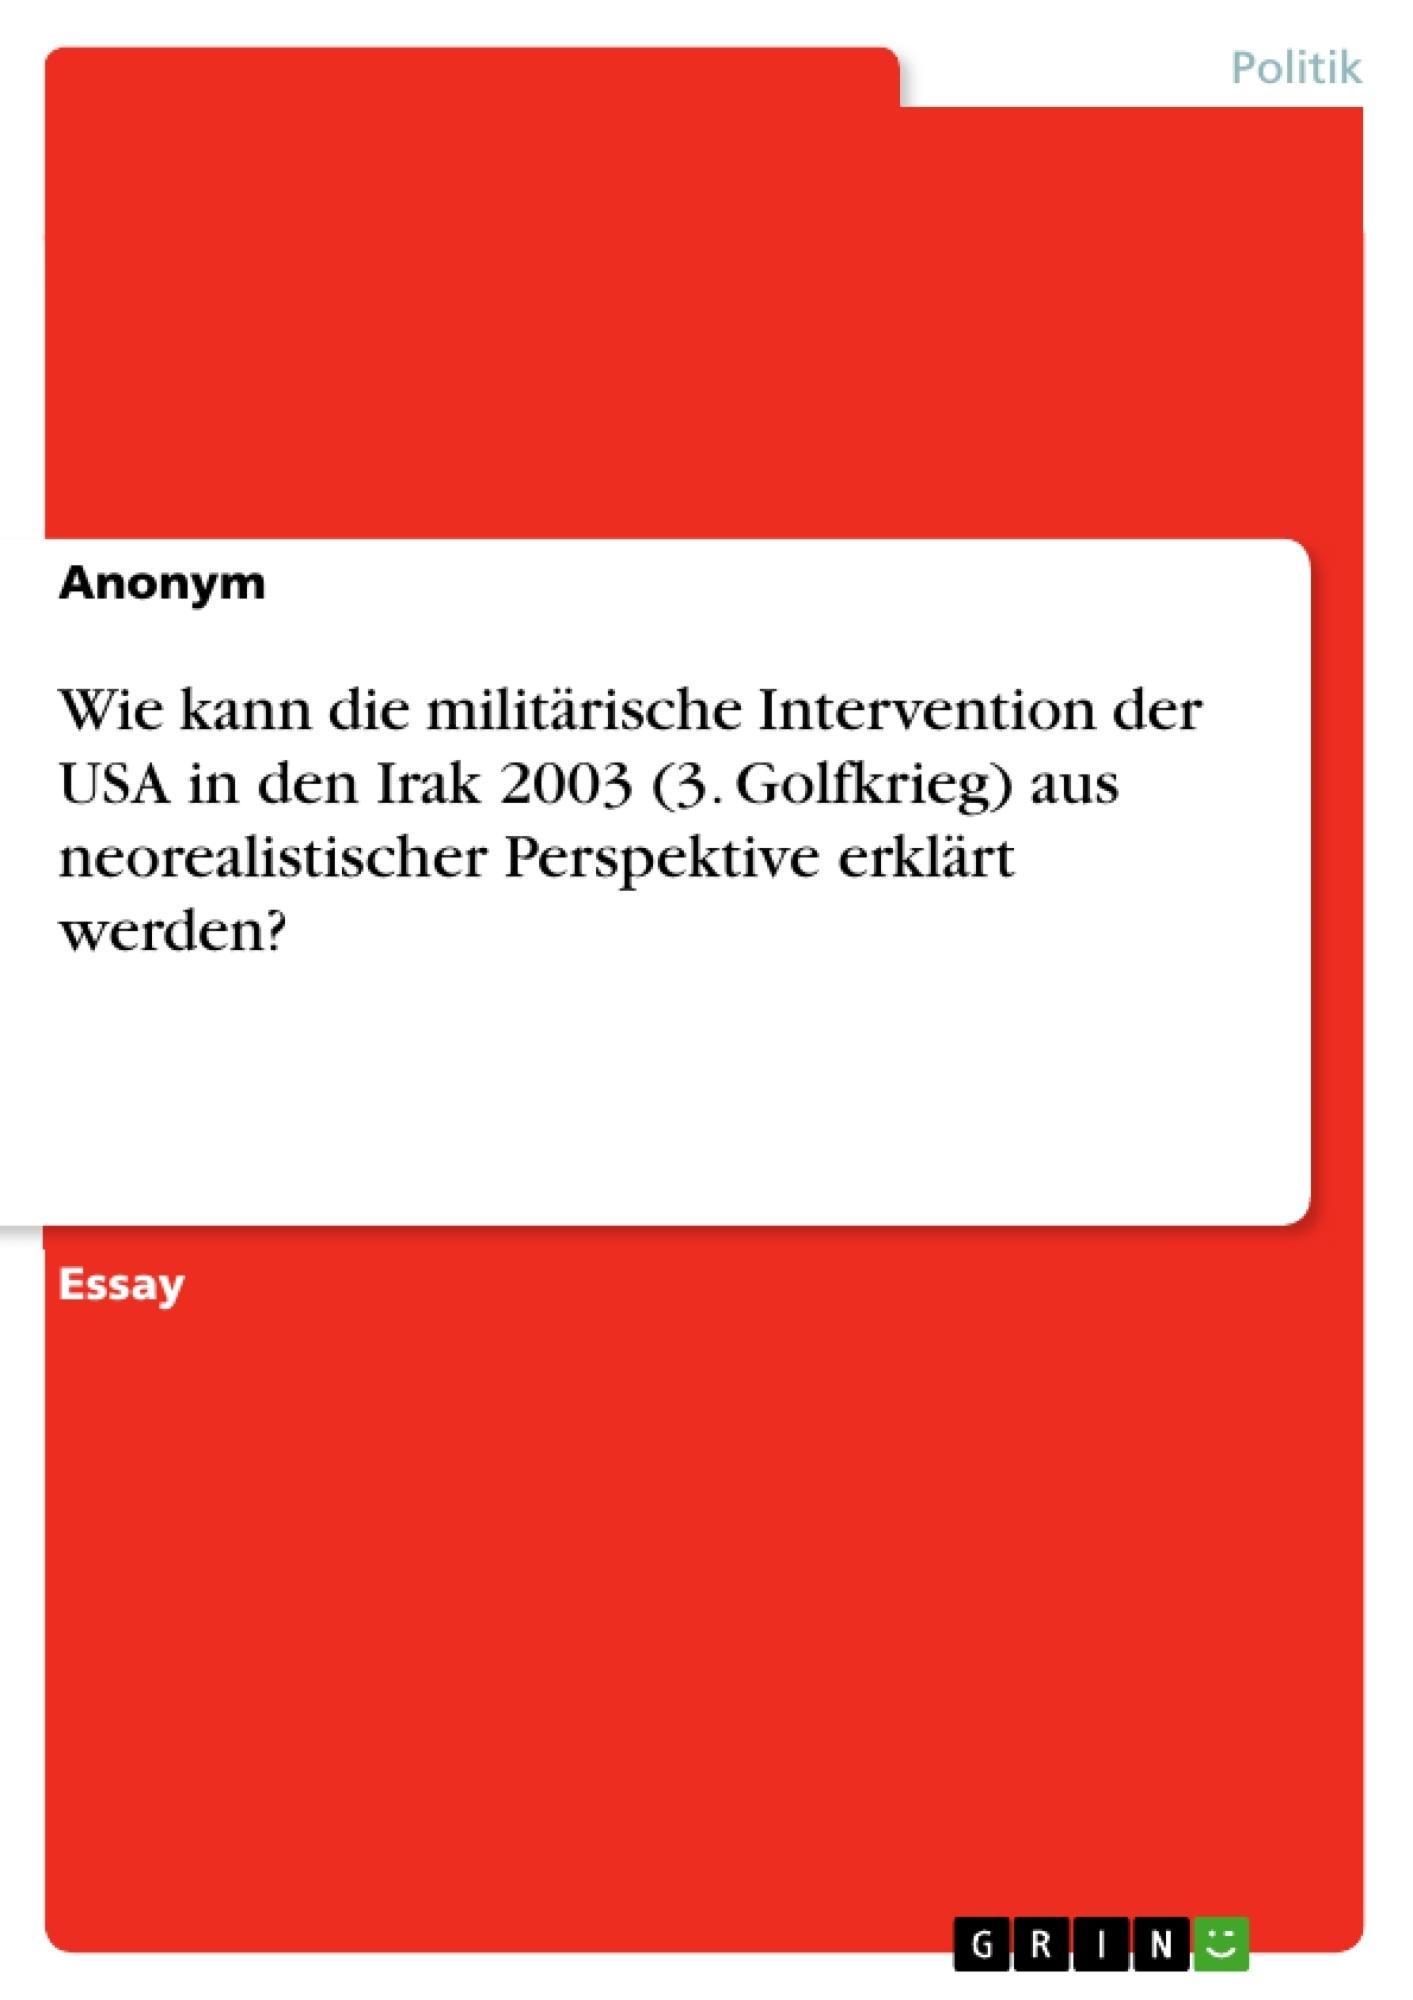 Titel: Wie kann die militärische Intervention der USA in den Irak 2003 (3. Golfkrieg) aus neorealistischer Perspektive erklärt werden?